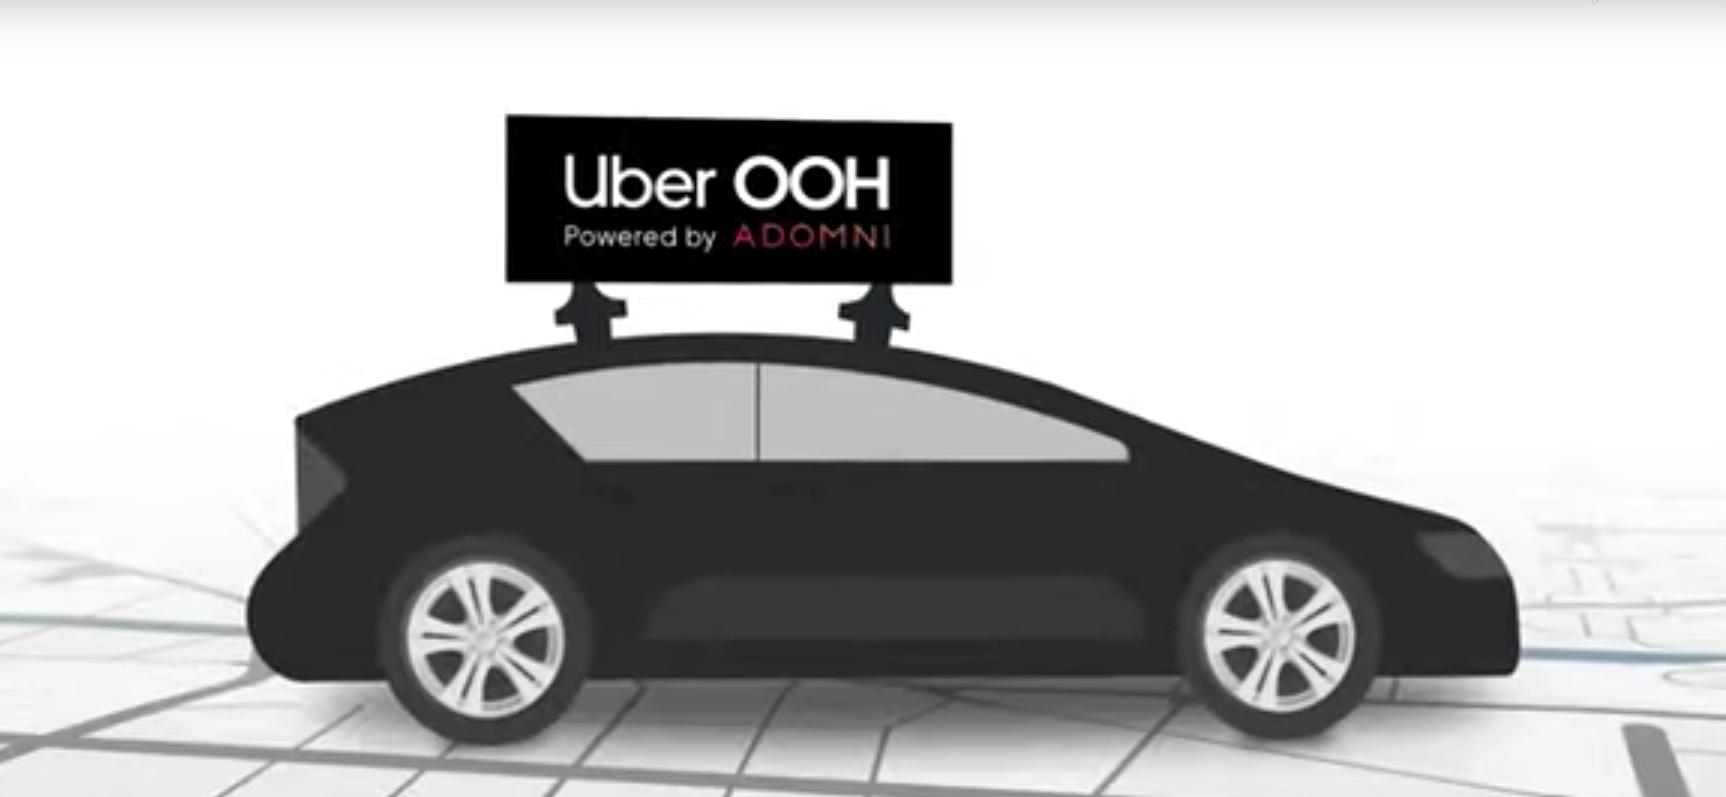 So soll die Werbung auf den Uber-Autos aussehen. Screenshot: https://youtu.be/sHaRJMNJ7EE